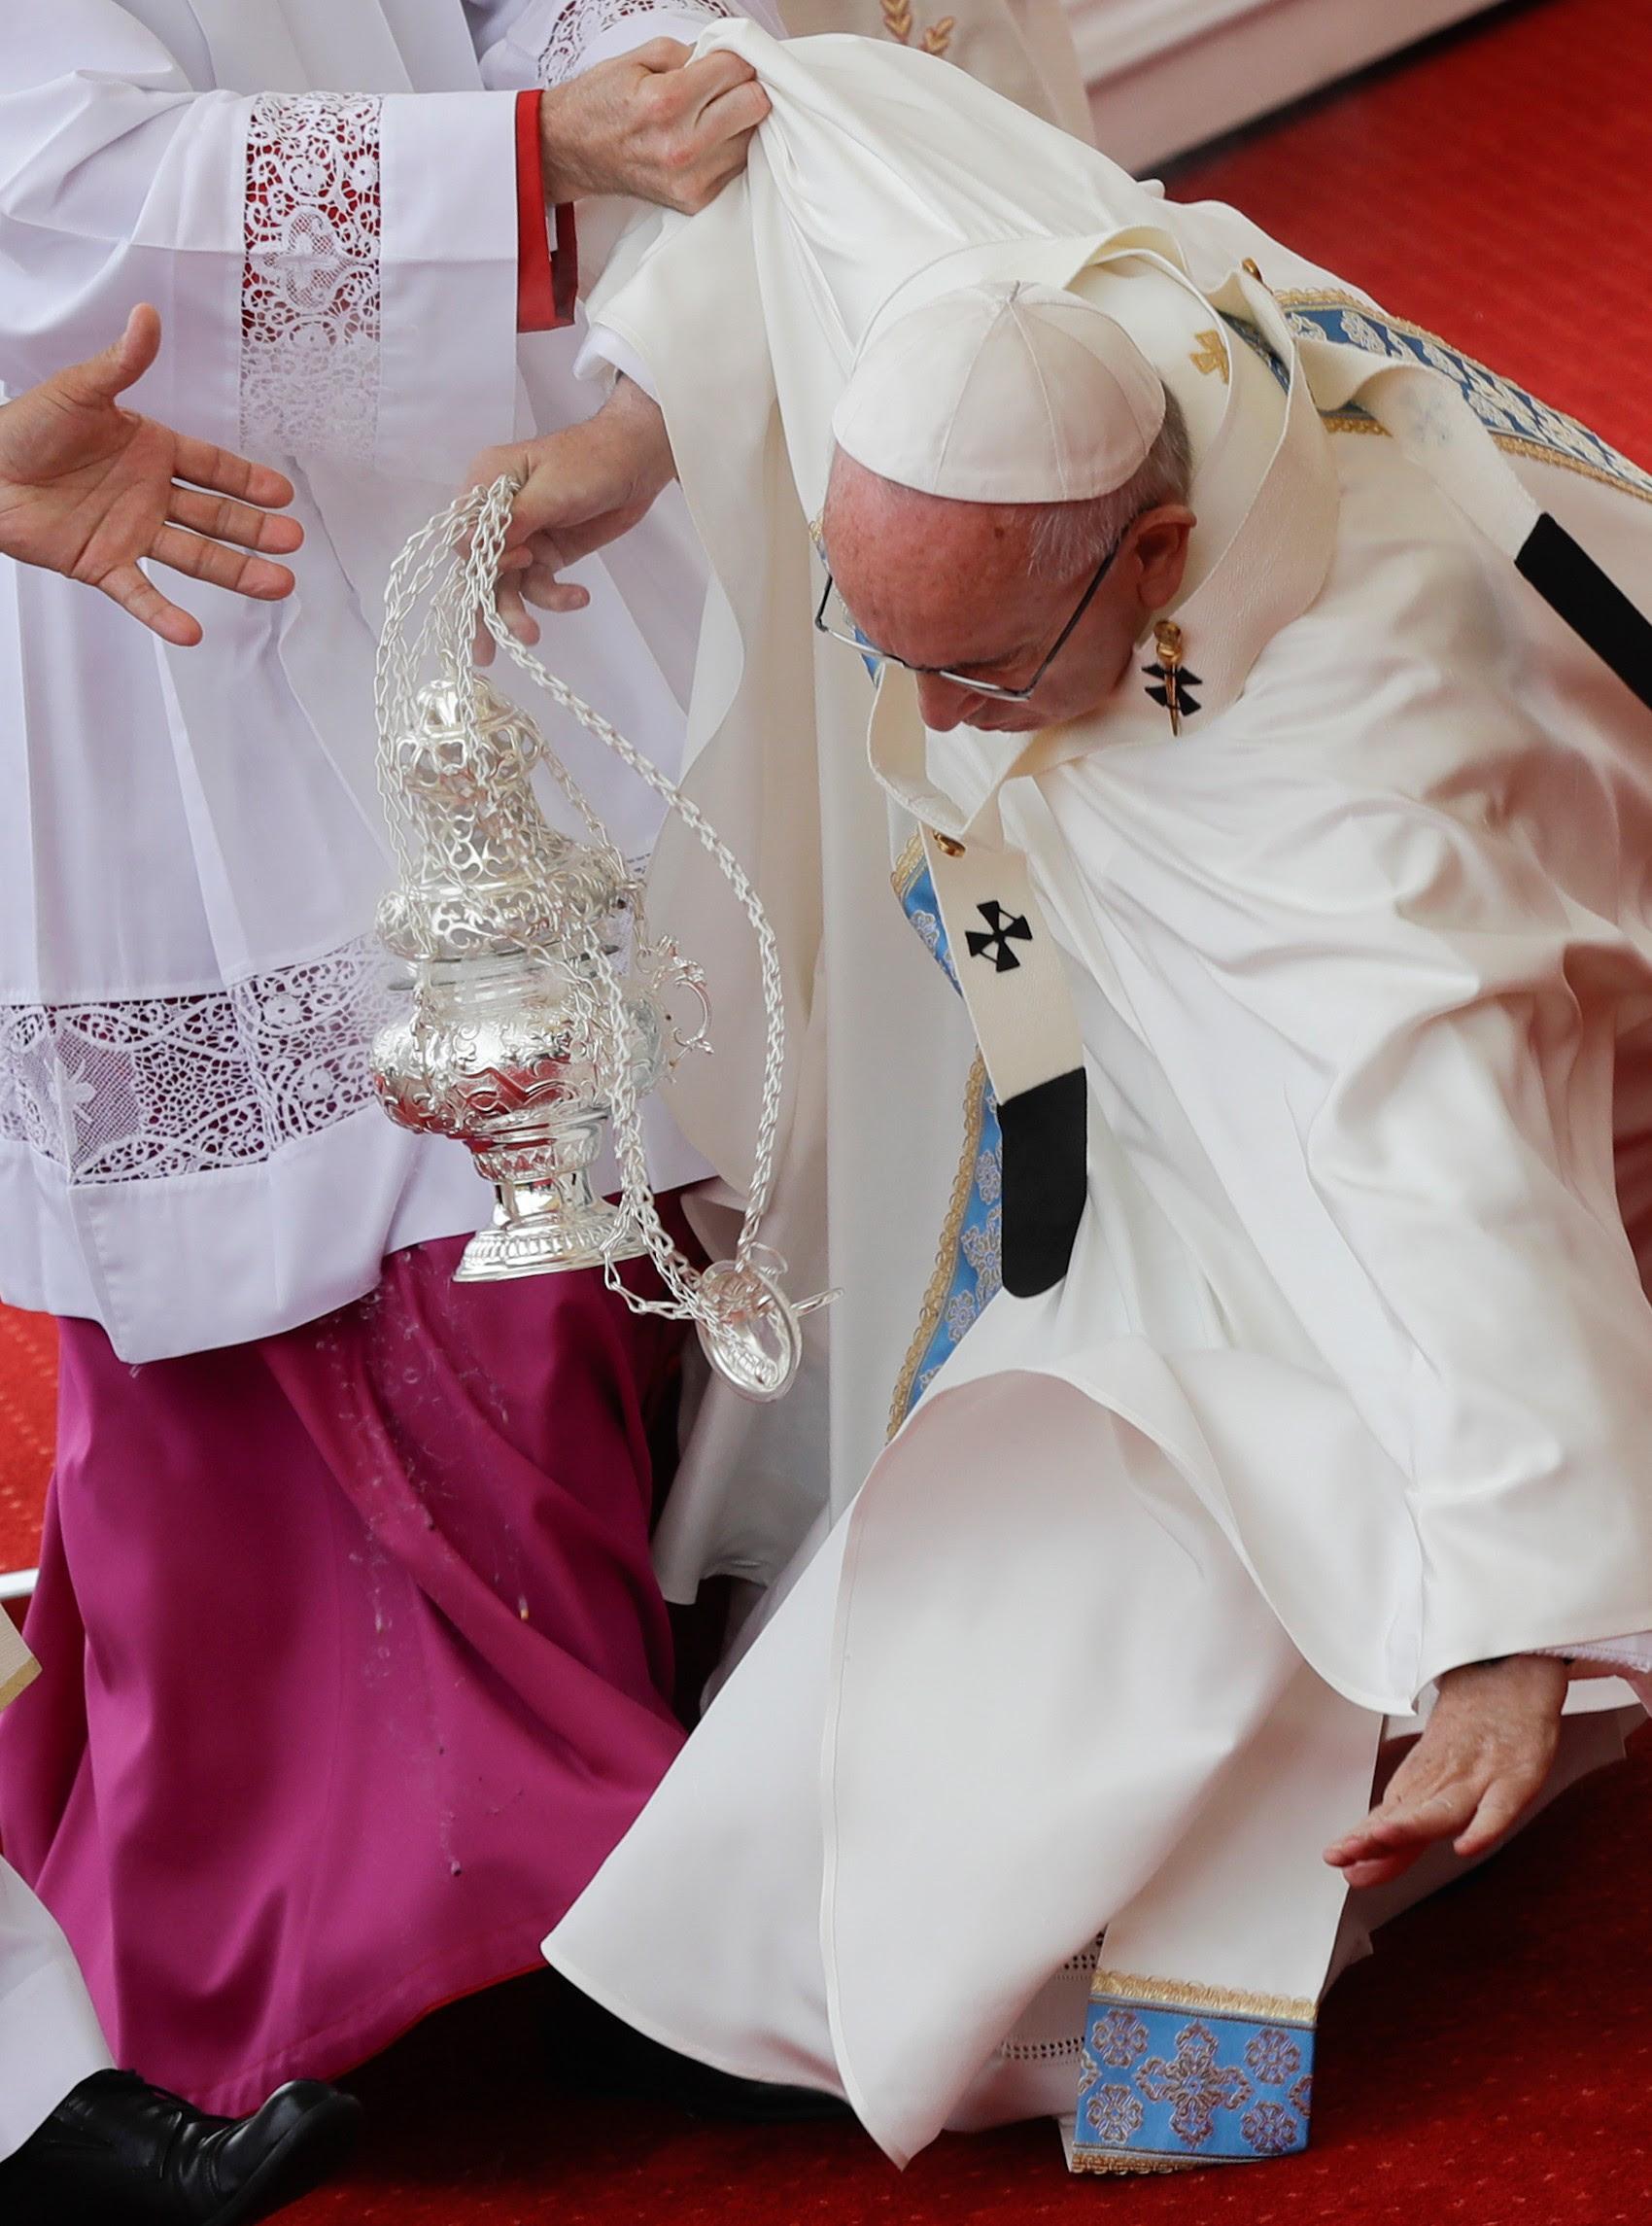 Papa Francisco recebeu ajuda de bispos e padres para se levantar após cair durante missa (Foto: Gregorio Borgia/AP)